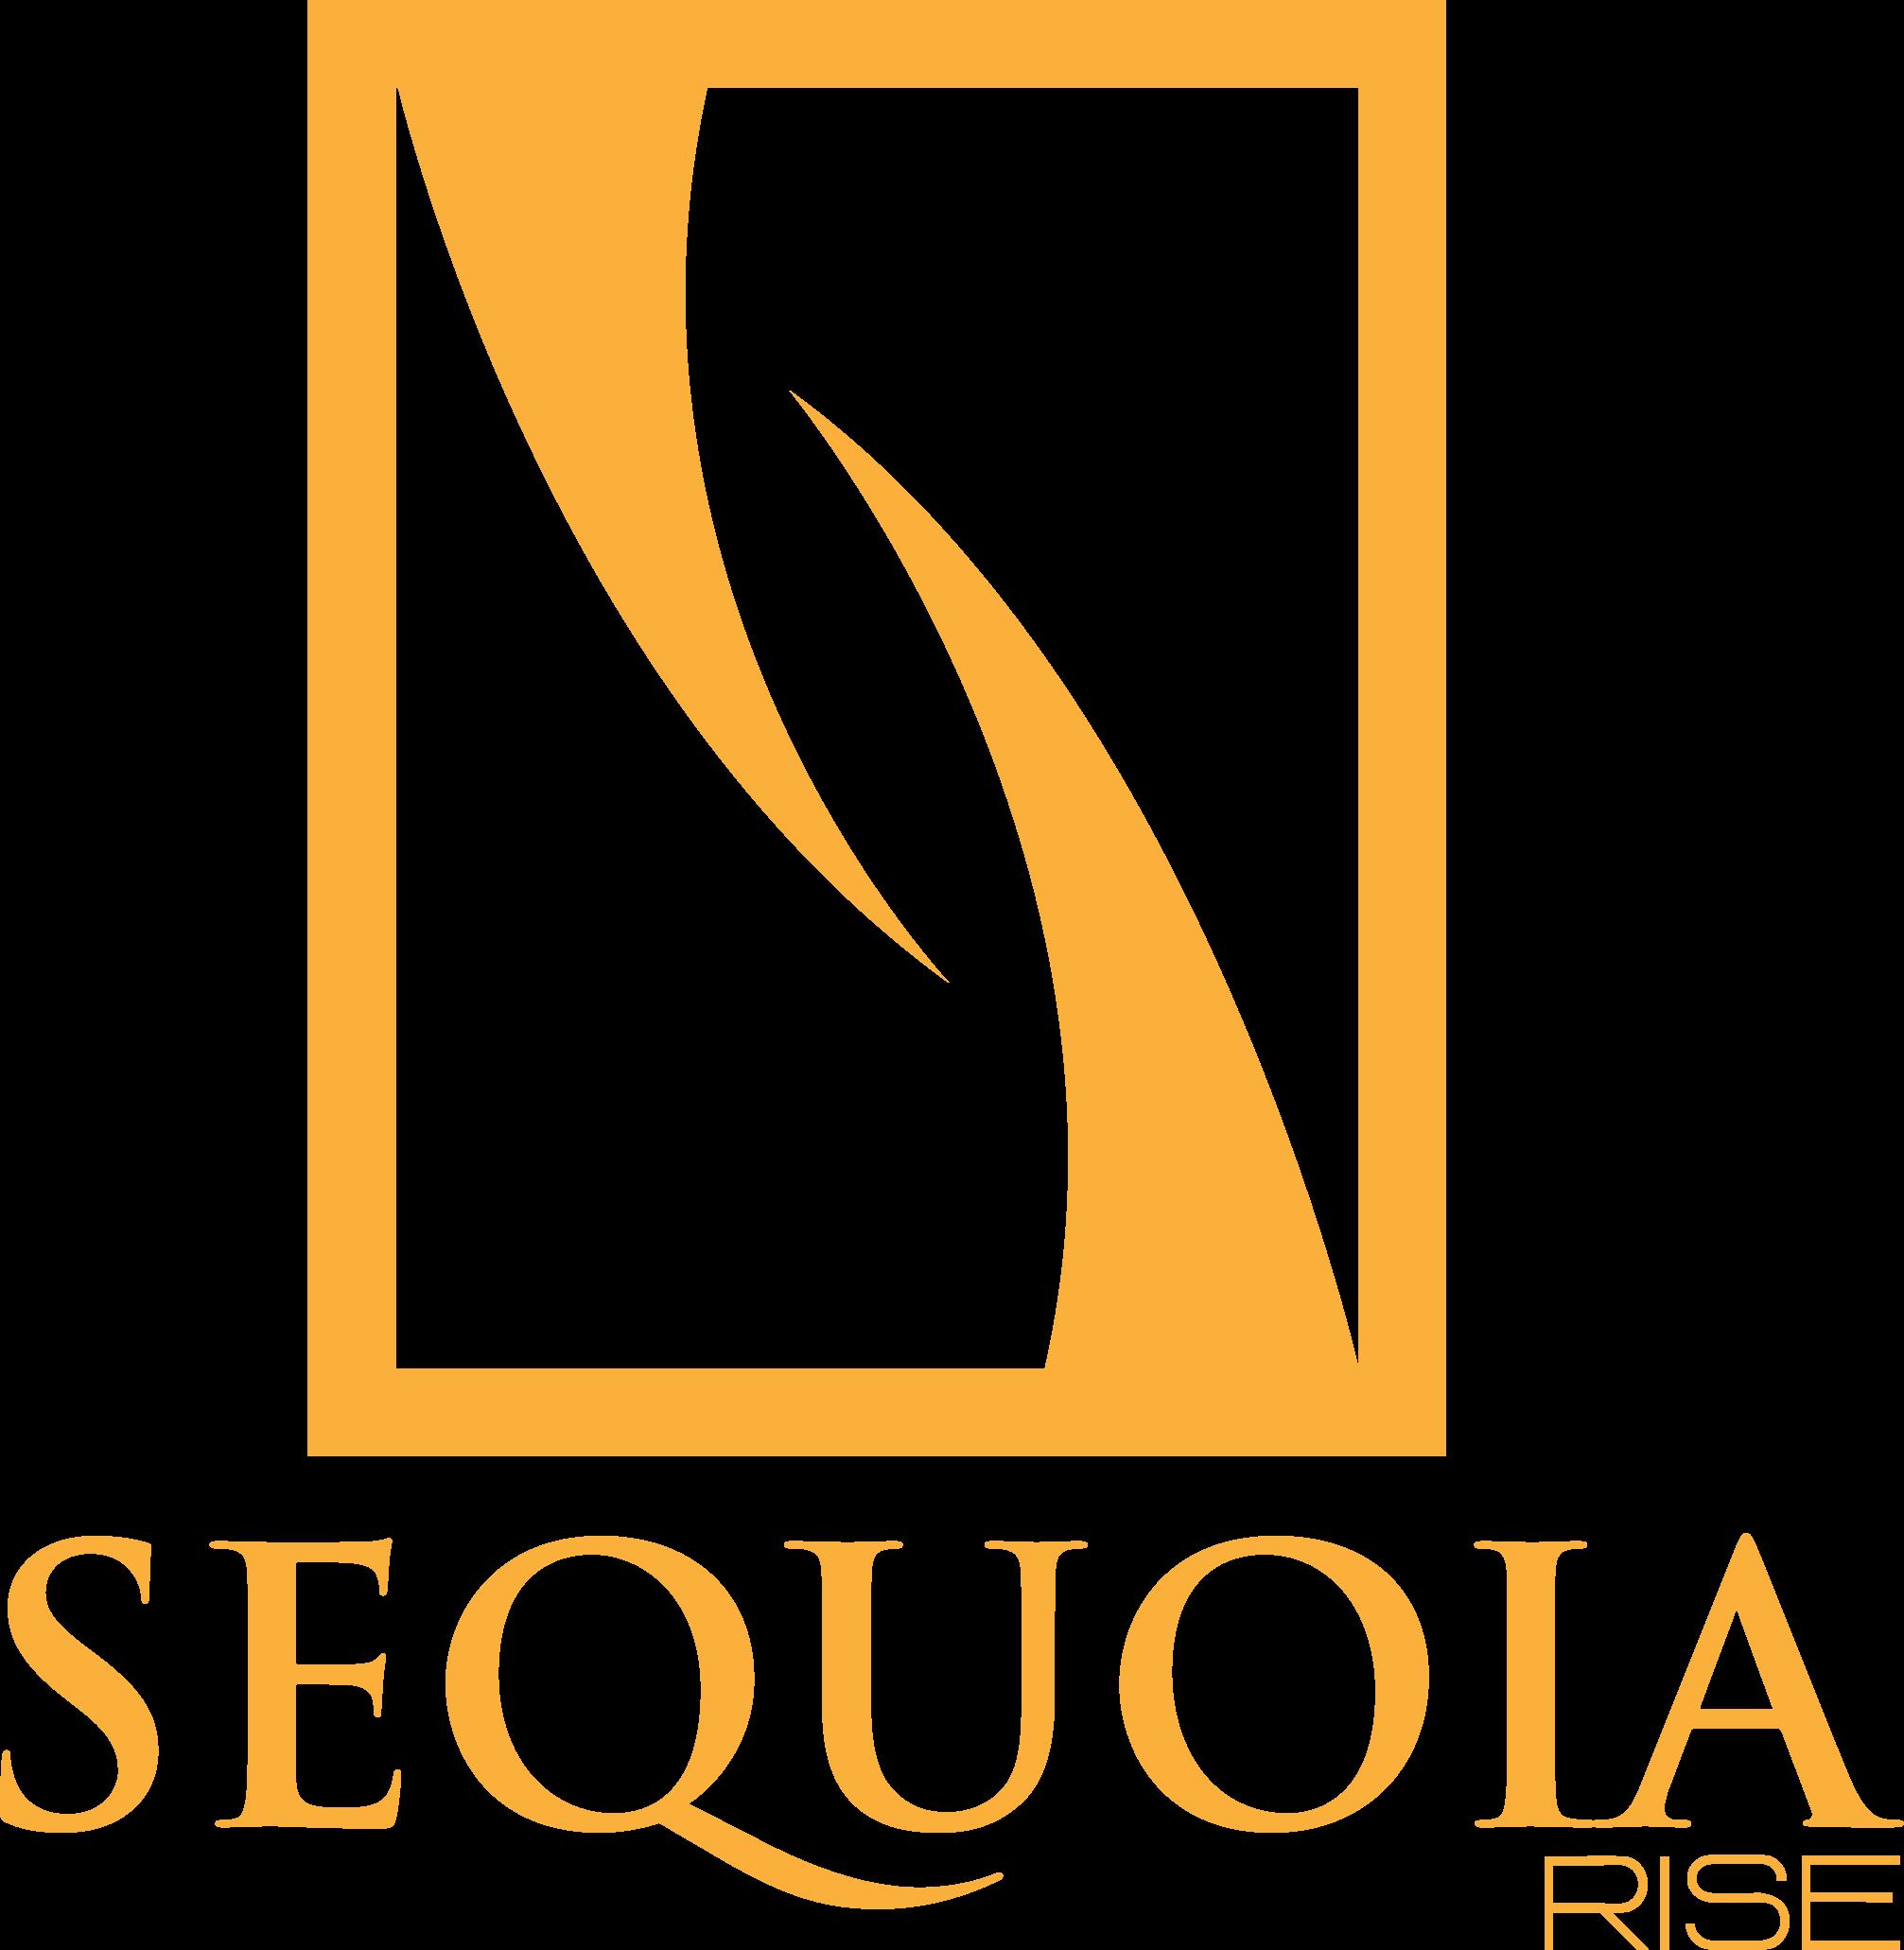 SequoiaRise